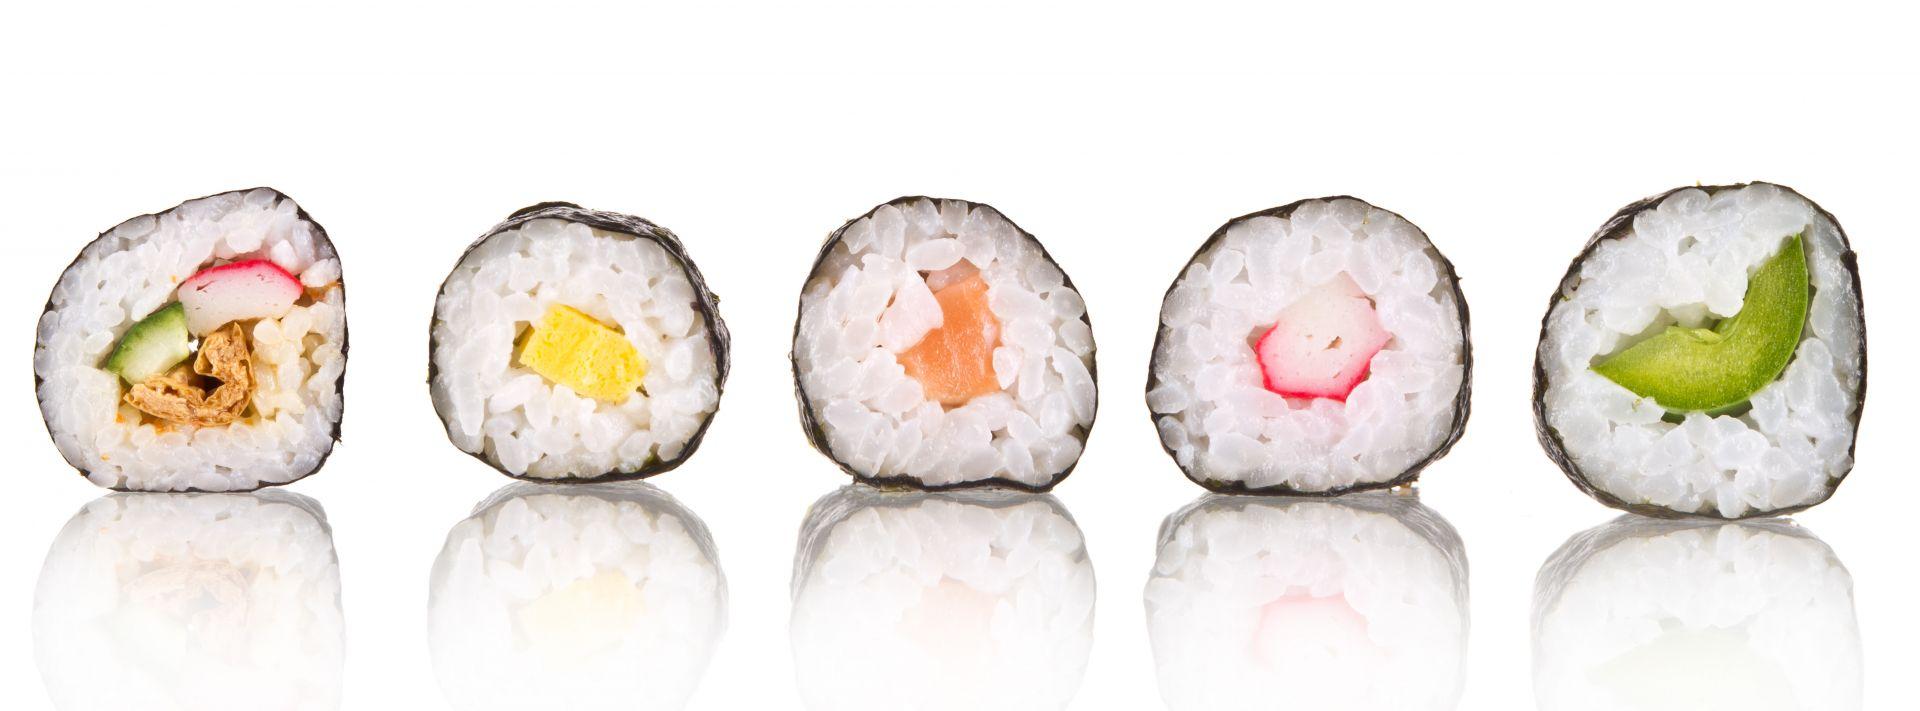 吃冷飯比熱飯好!「抗性澱粉」熱量低、穩血糖 不怕發胖